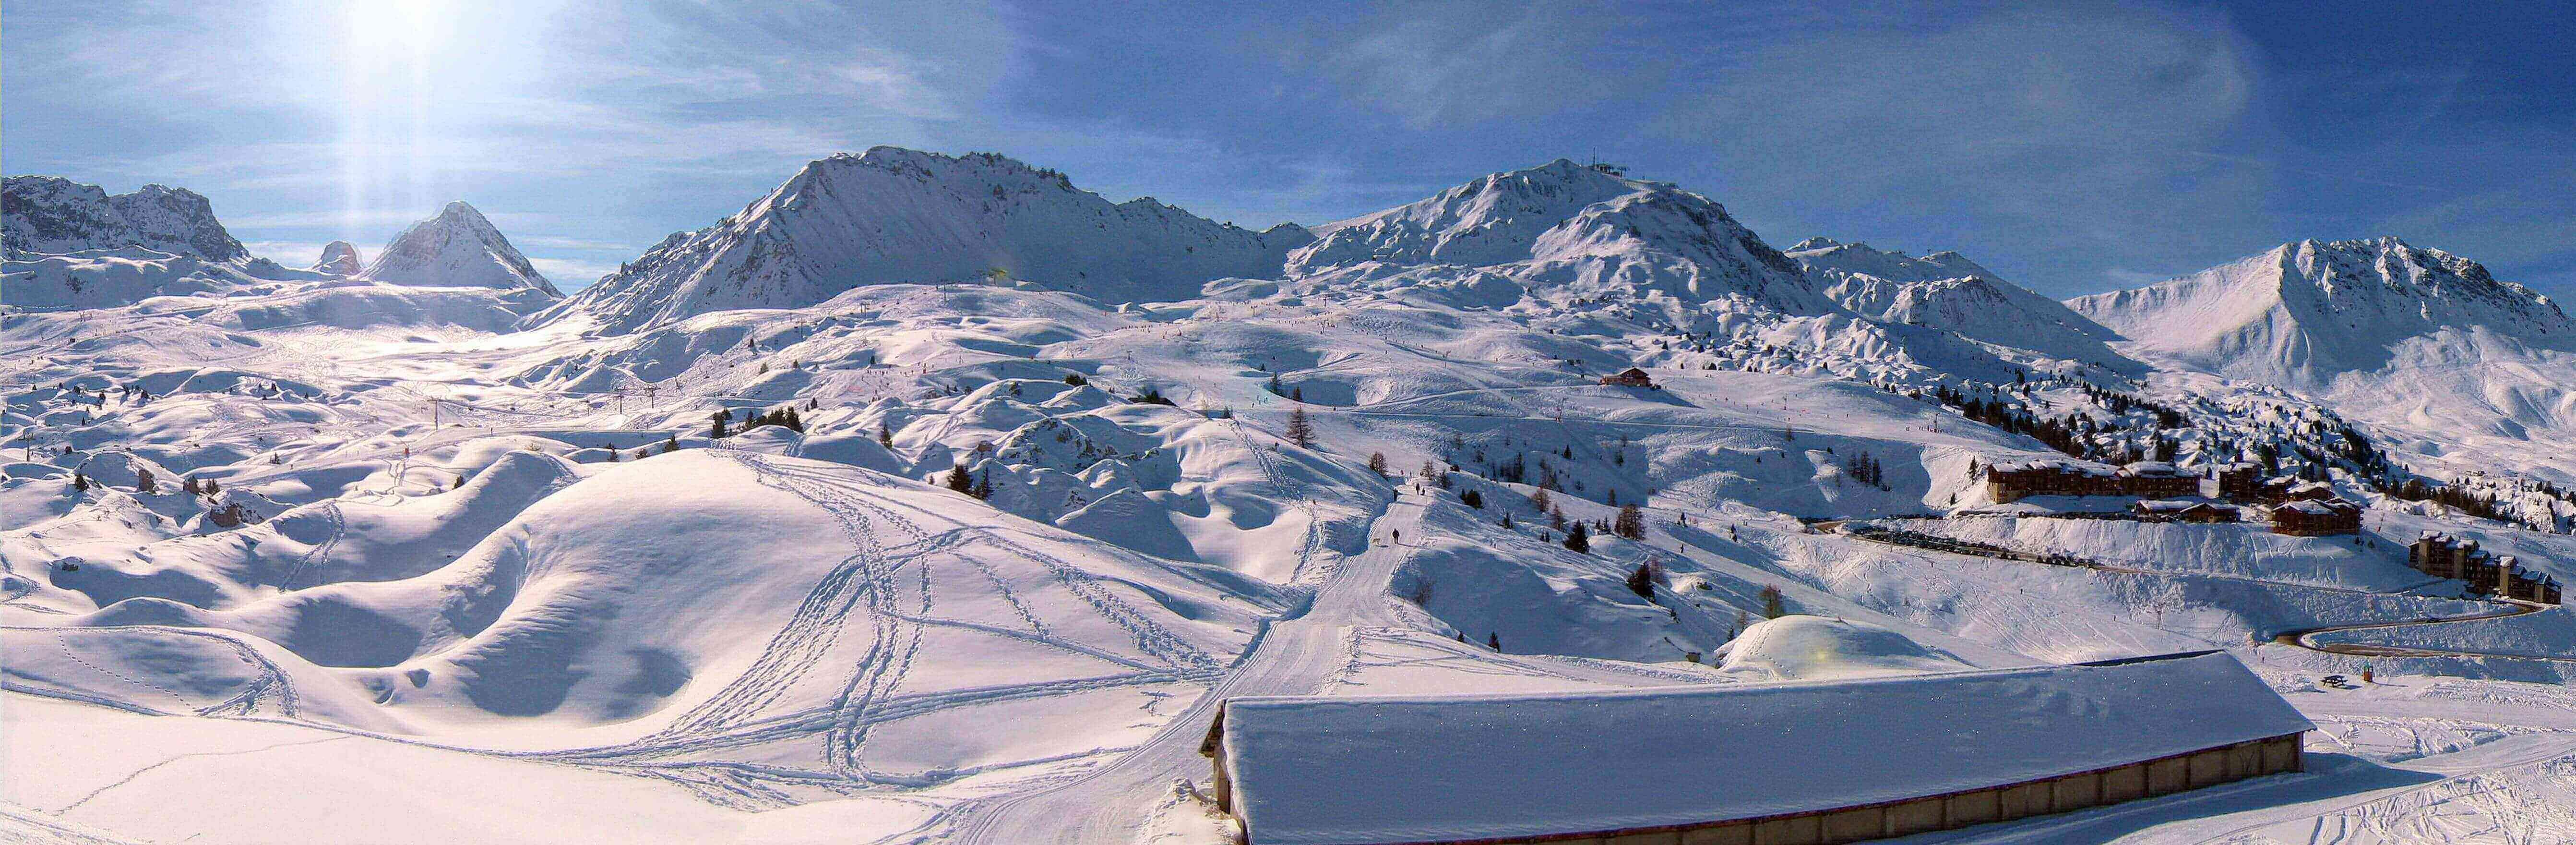 Ski the French Alps in La Plagne